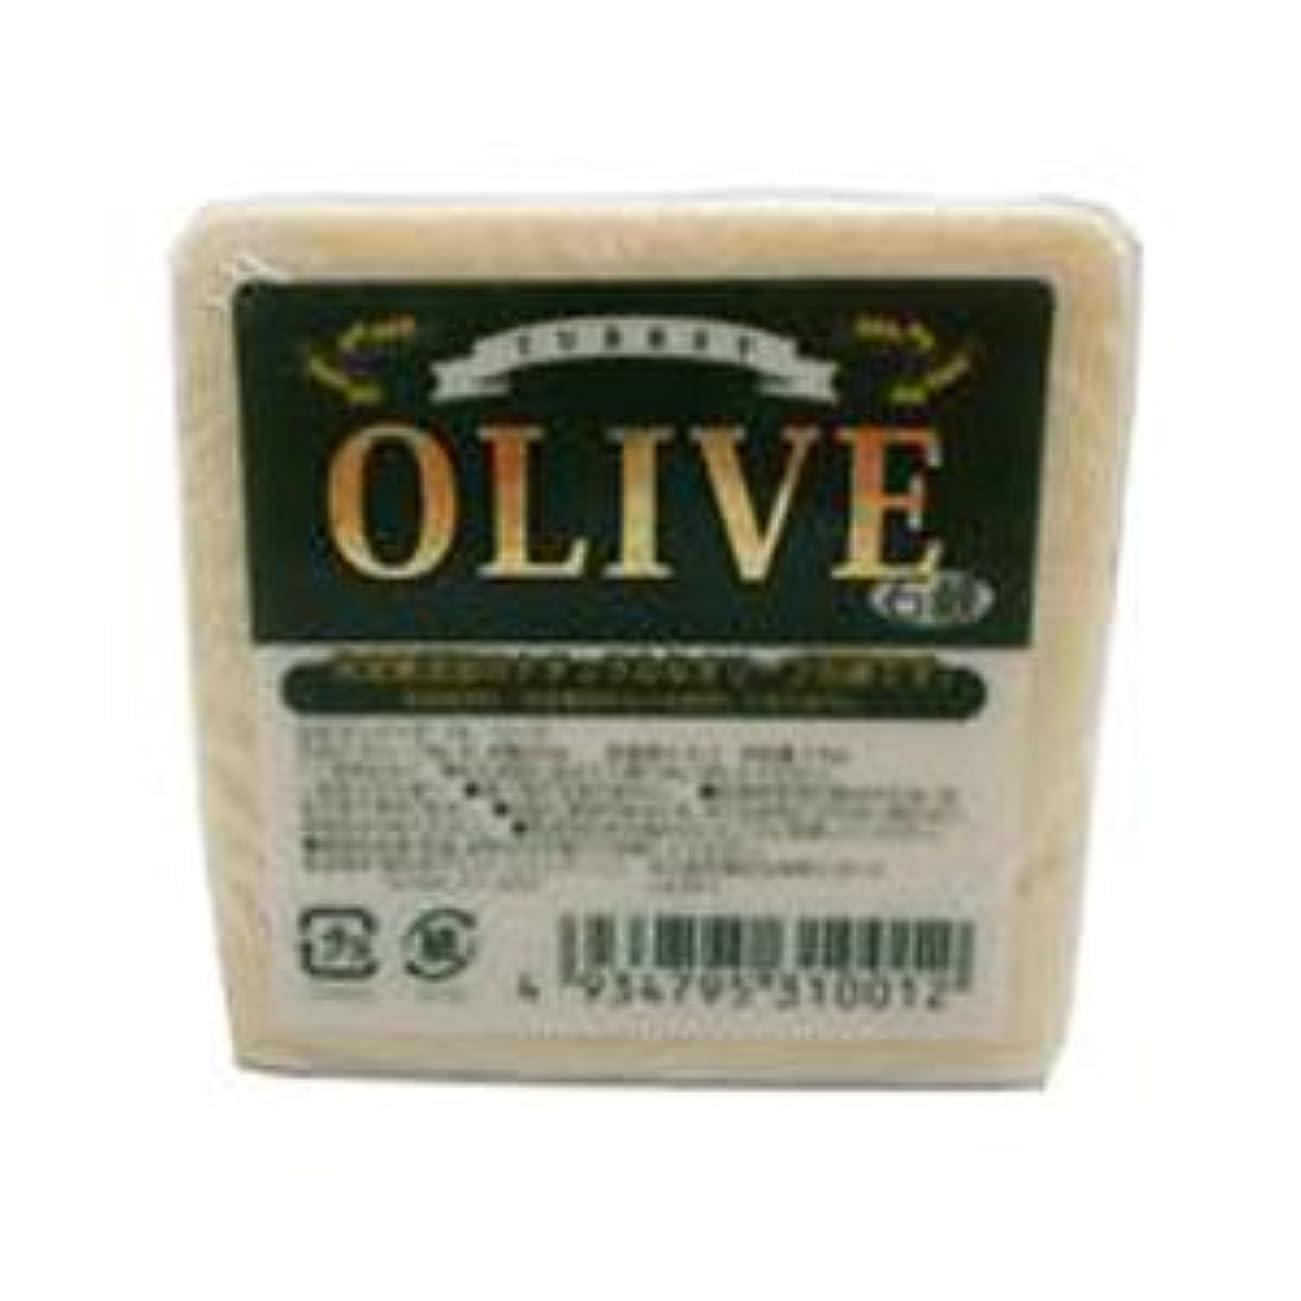 ビヨン夏気づかないお得な5個セット トルコ産オリーブを使用した無添加石鹸 ターキーオリーブ石鹸 135g